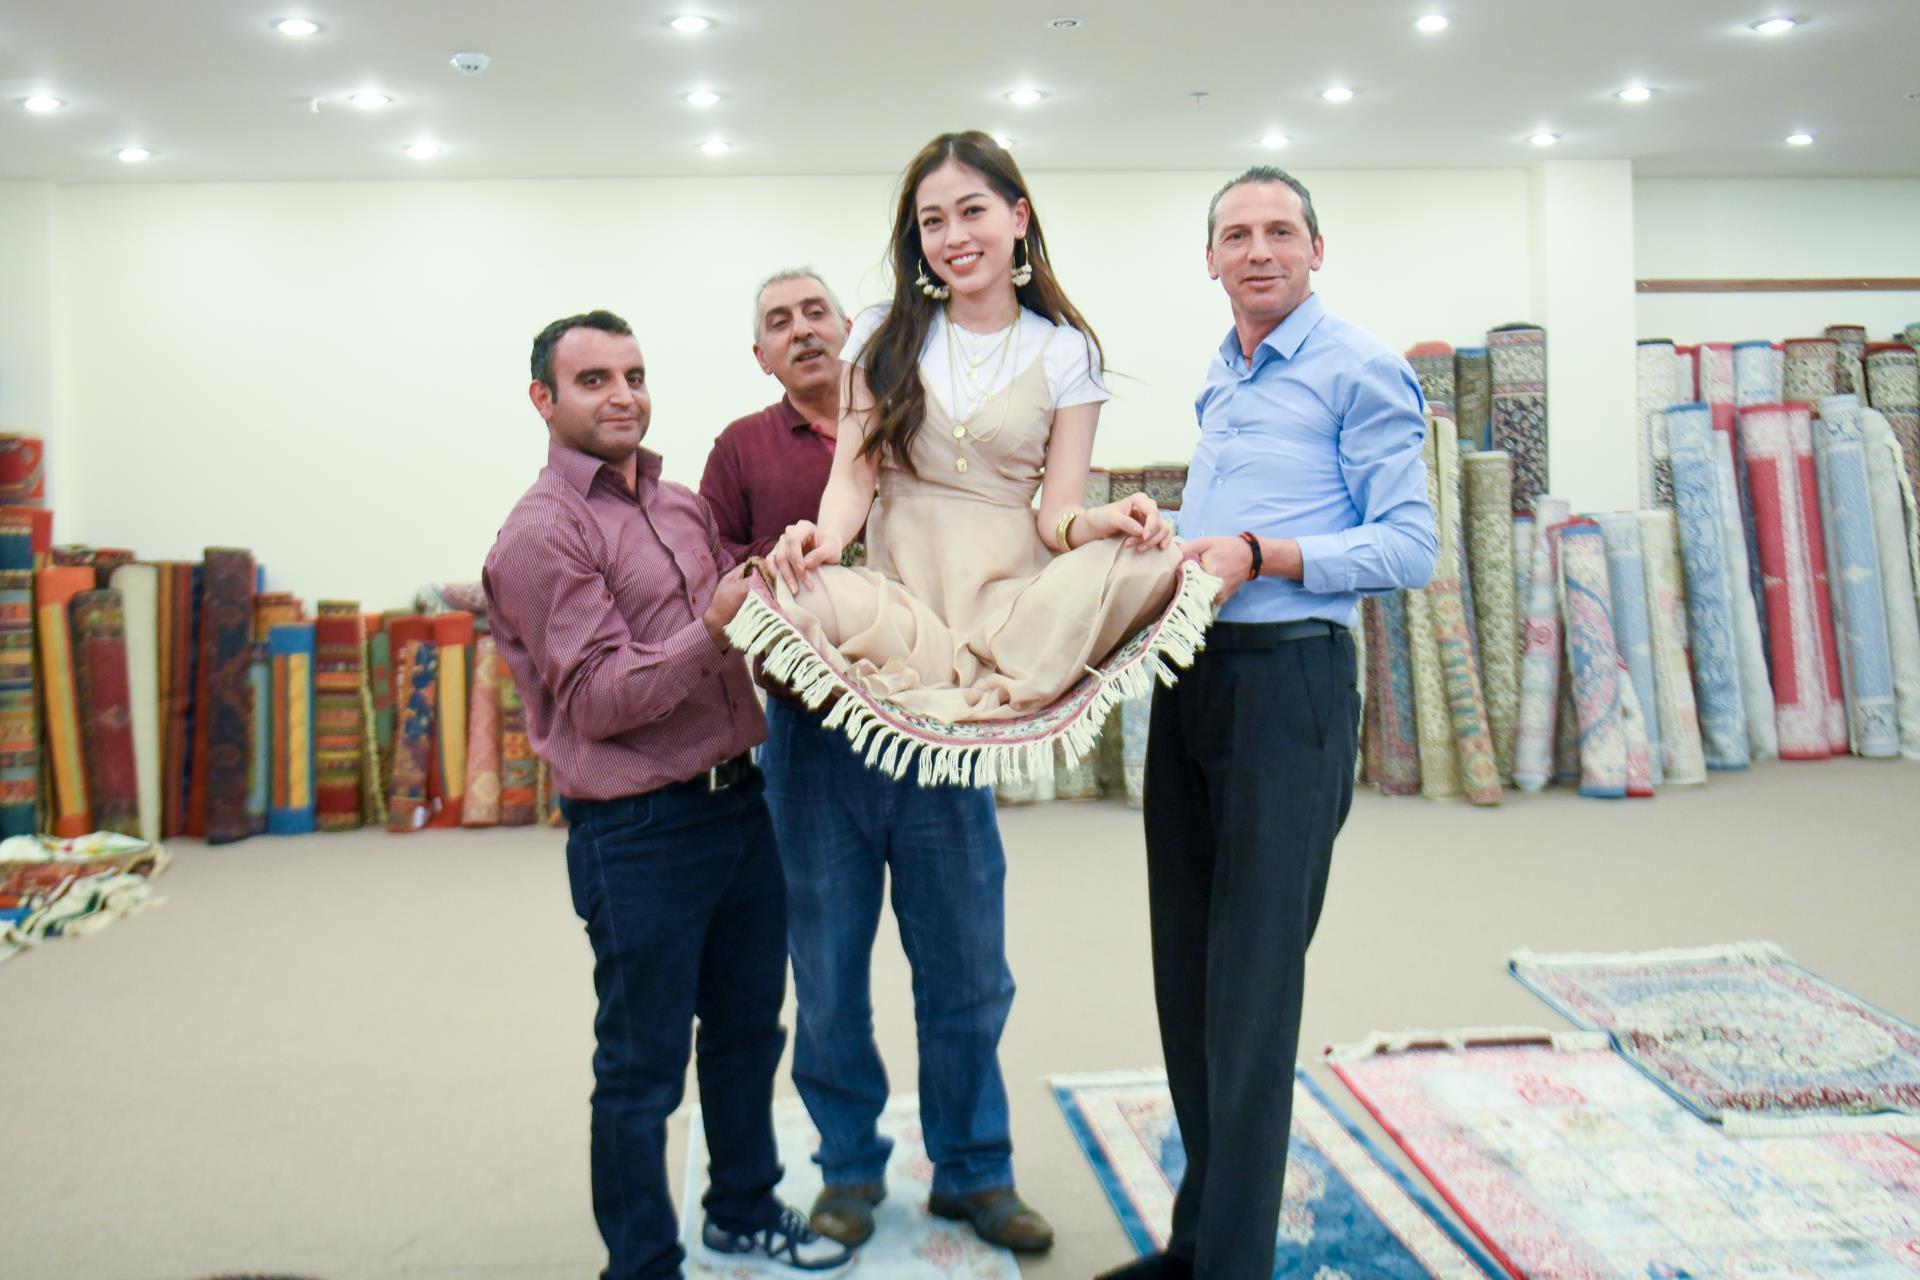 Á hậu Phương Nga tình tứ với bạn trai Bình An ở Thổ Nhĩ Kỳ Ảnh 2